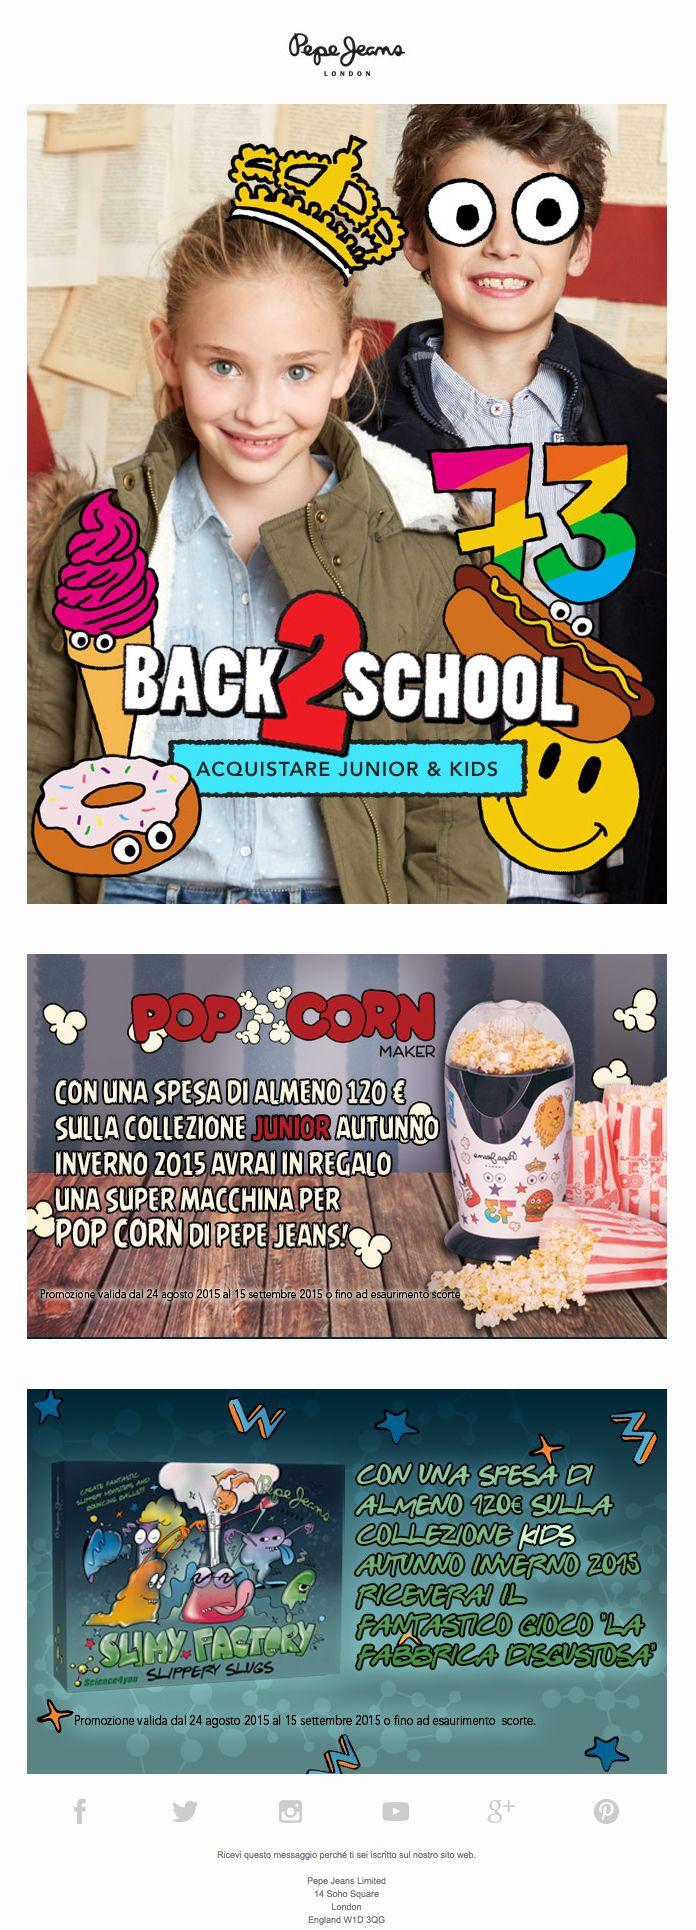 Pepe Jeans | BACK 2 SCHOOL ✏️ Allena il tuo cervello con mostri e popcorn!